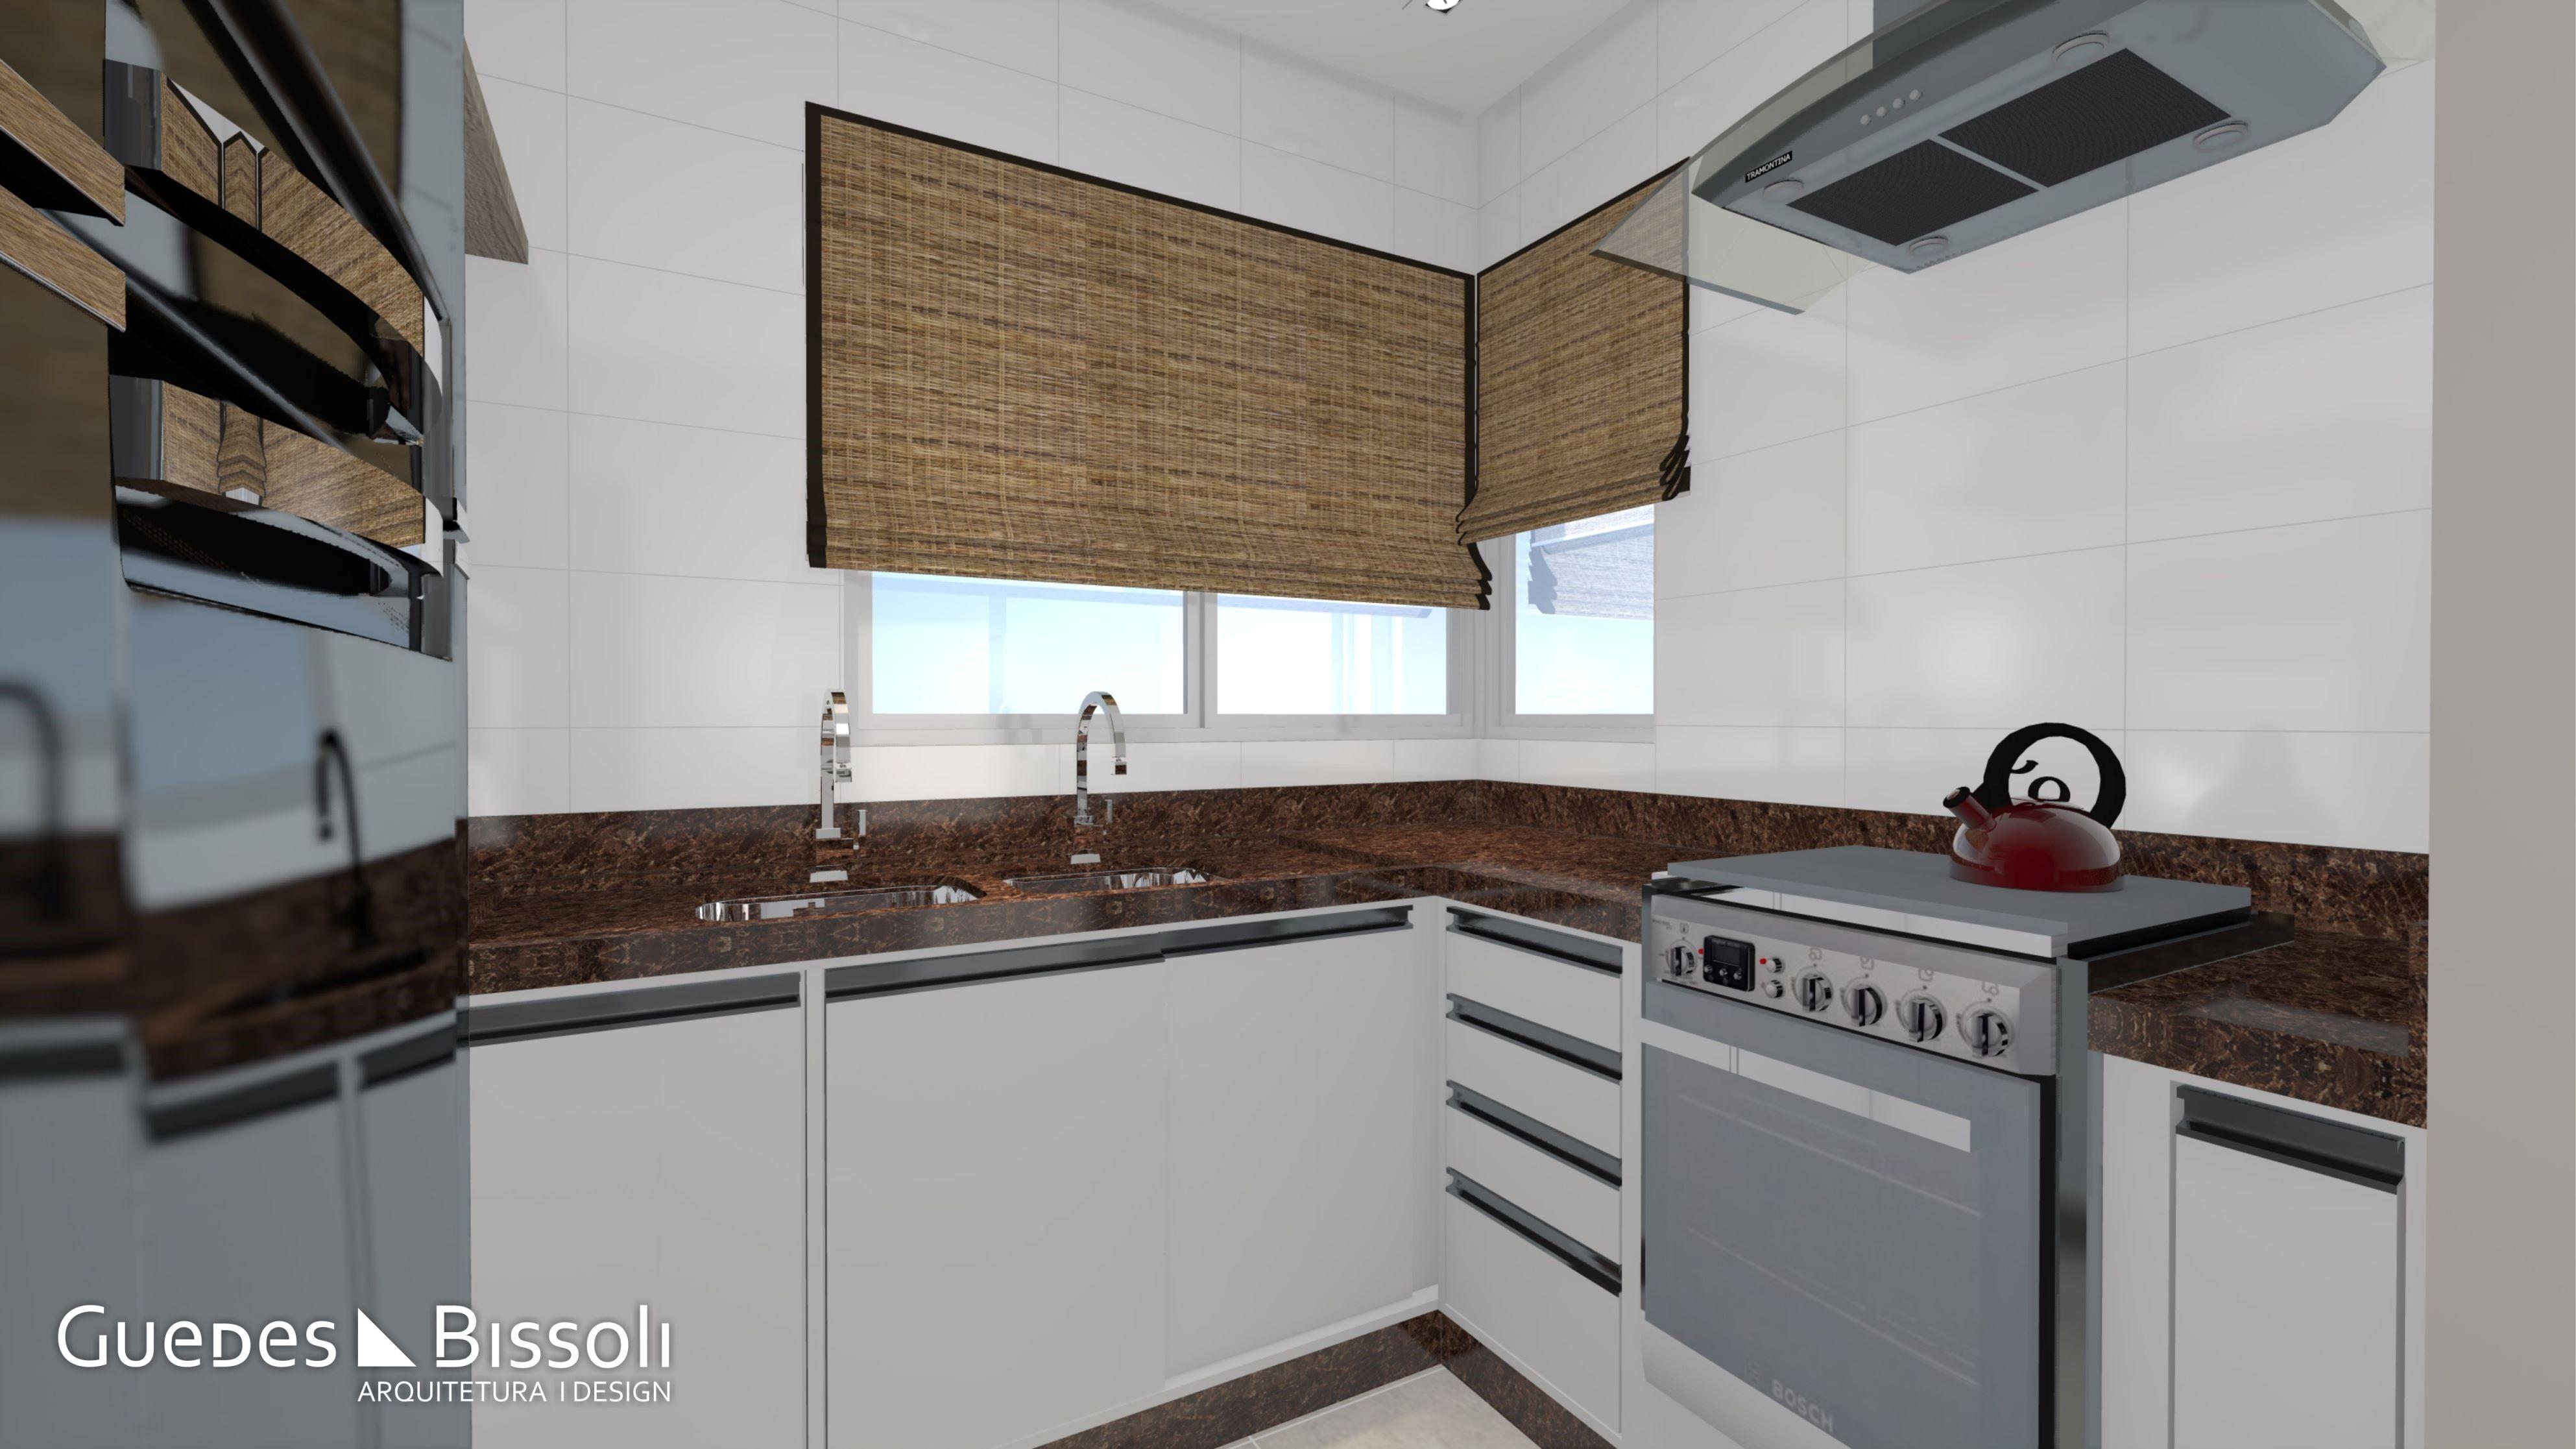 Cozinha Moderna E Compacta Com Granito Marrom Ou Similar E M Veis